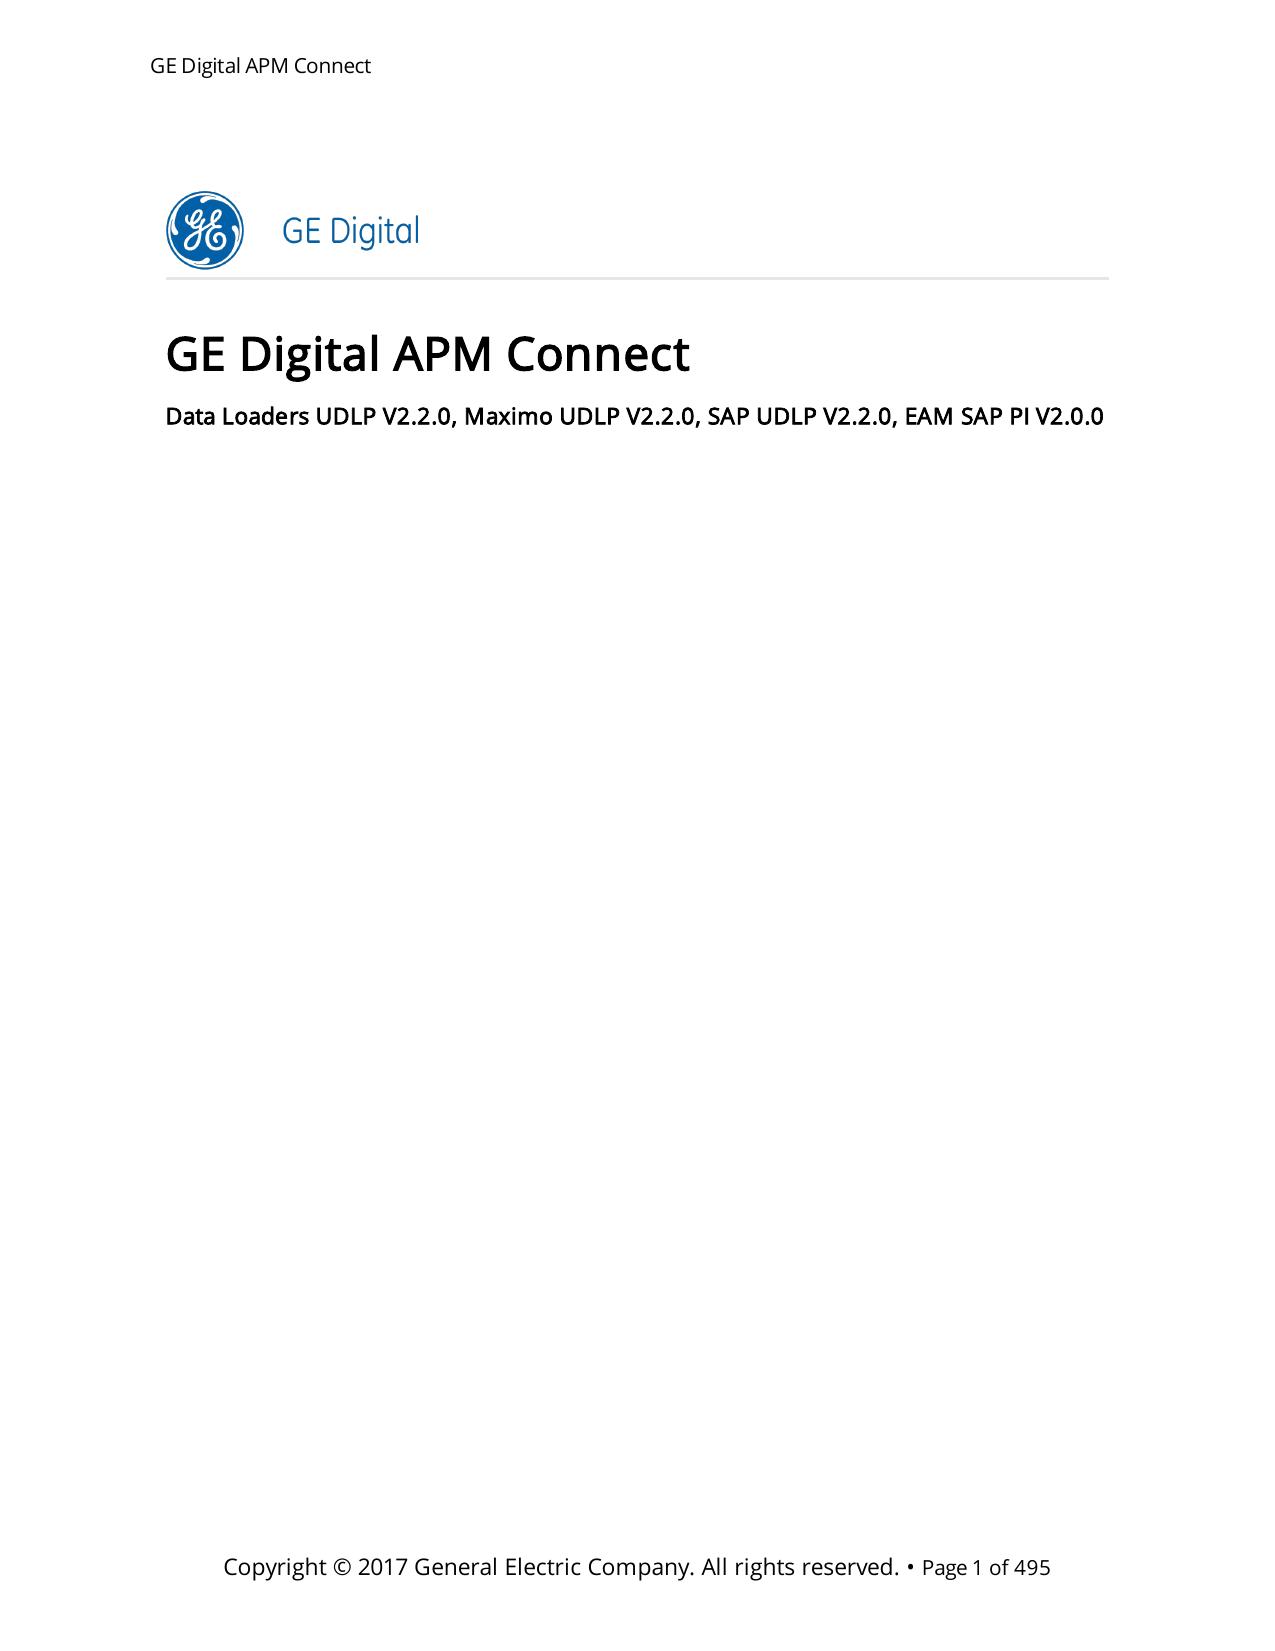 GE Digital APM Connect - Asset Performance Management | manualzz com